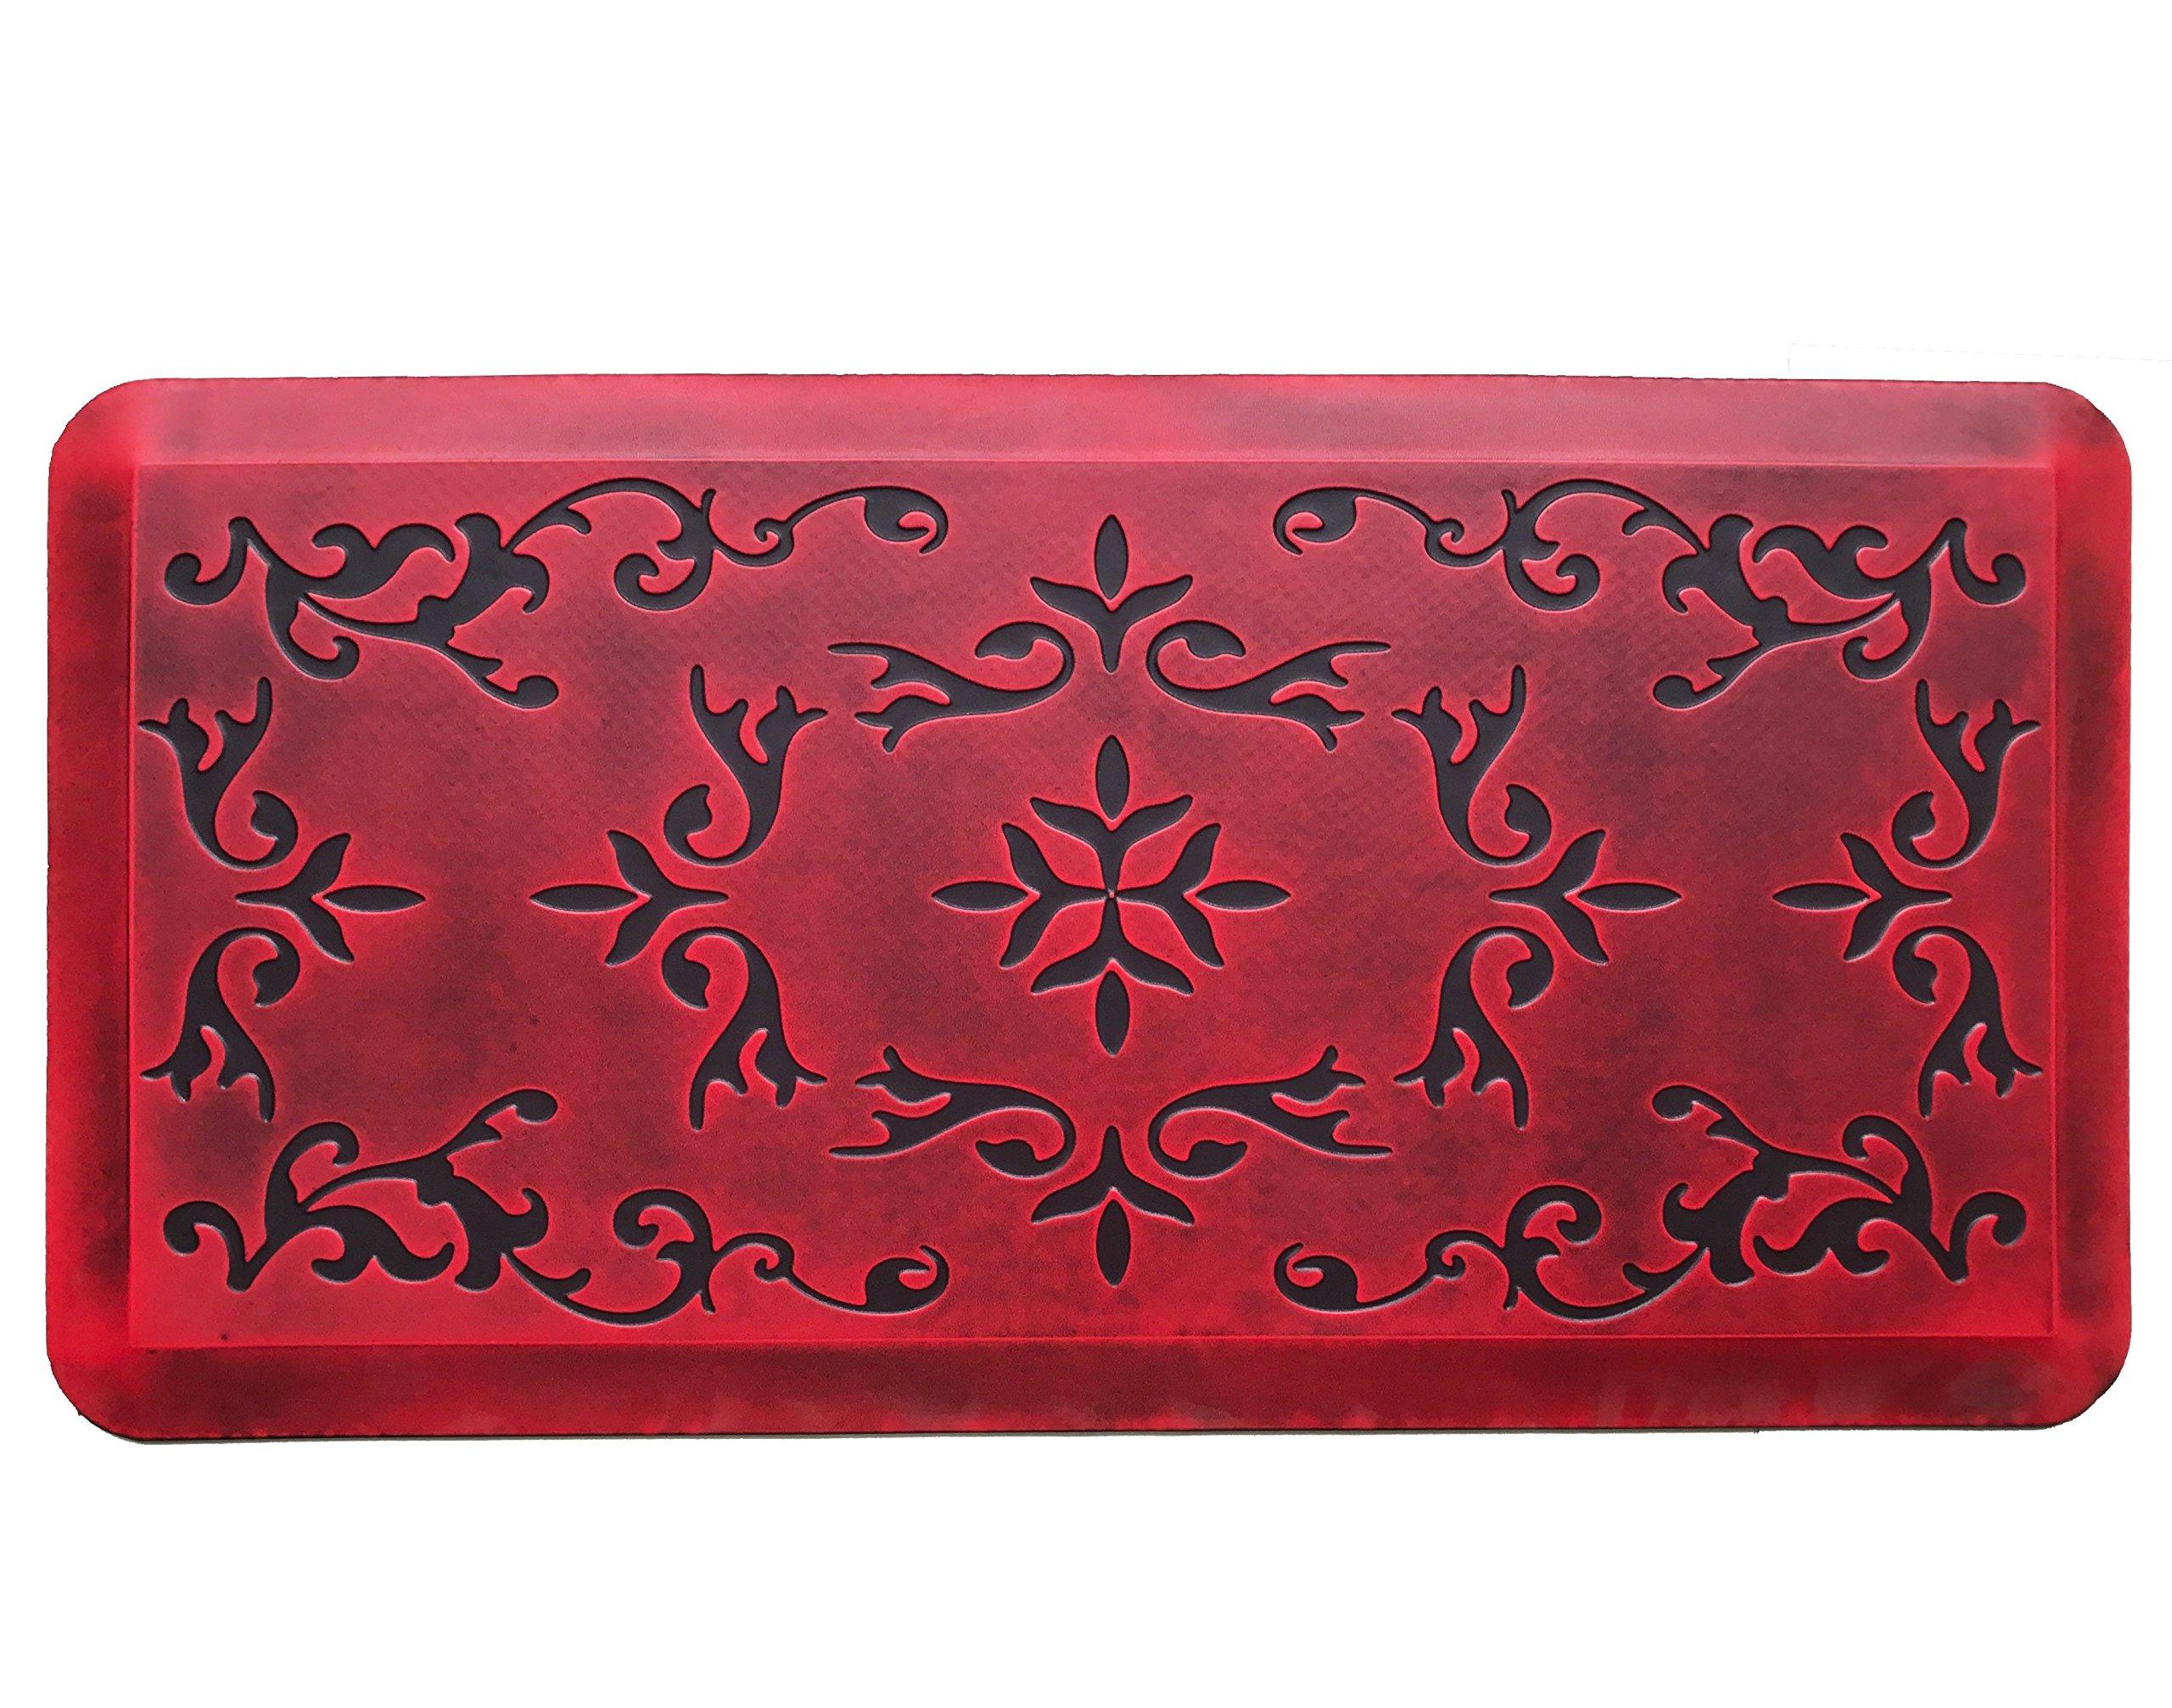 Licloud Anti-fatigue Mat Non-toxic Kitchen Mat Floor Mat Comfort Mat (20x39x3/4-Inch, Antique Flower Red 1)